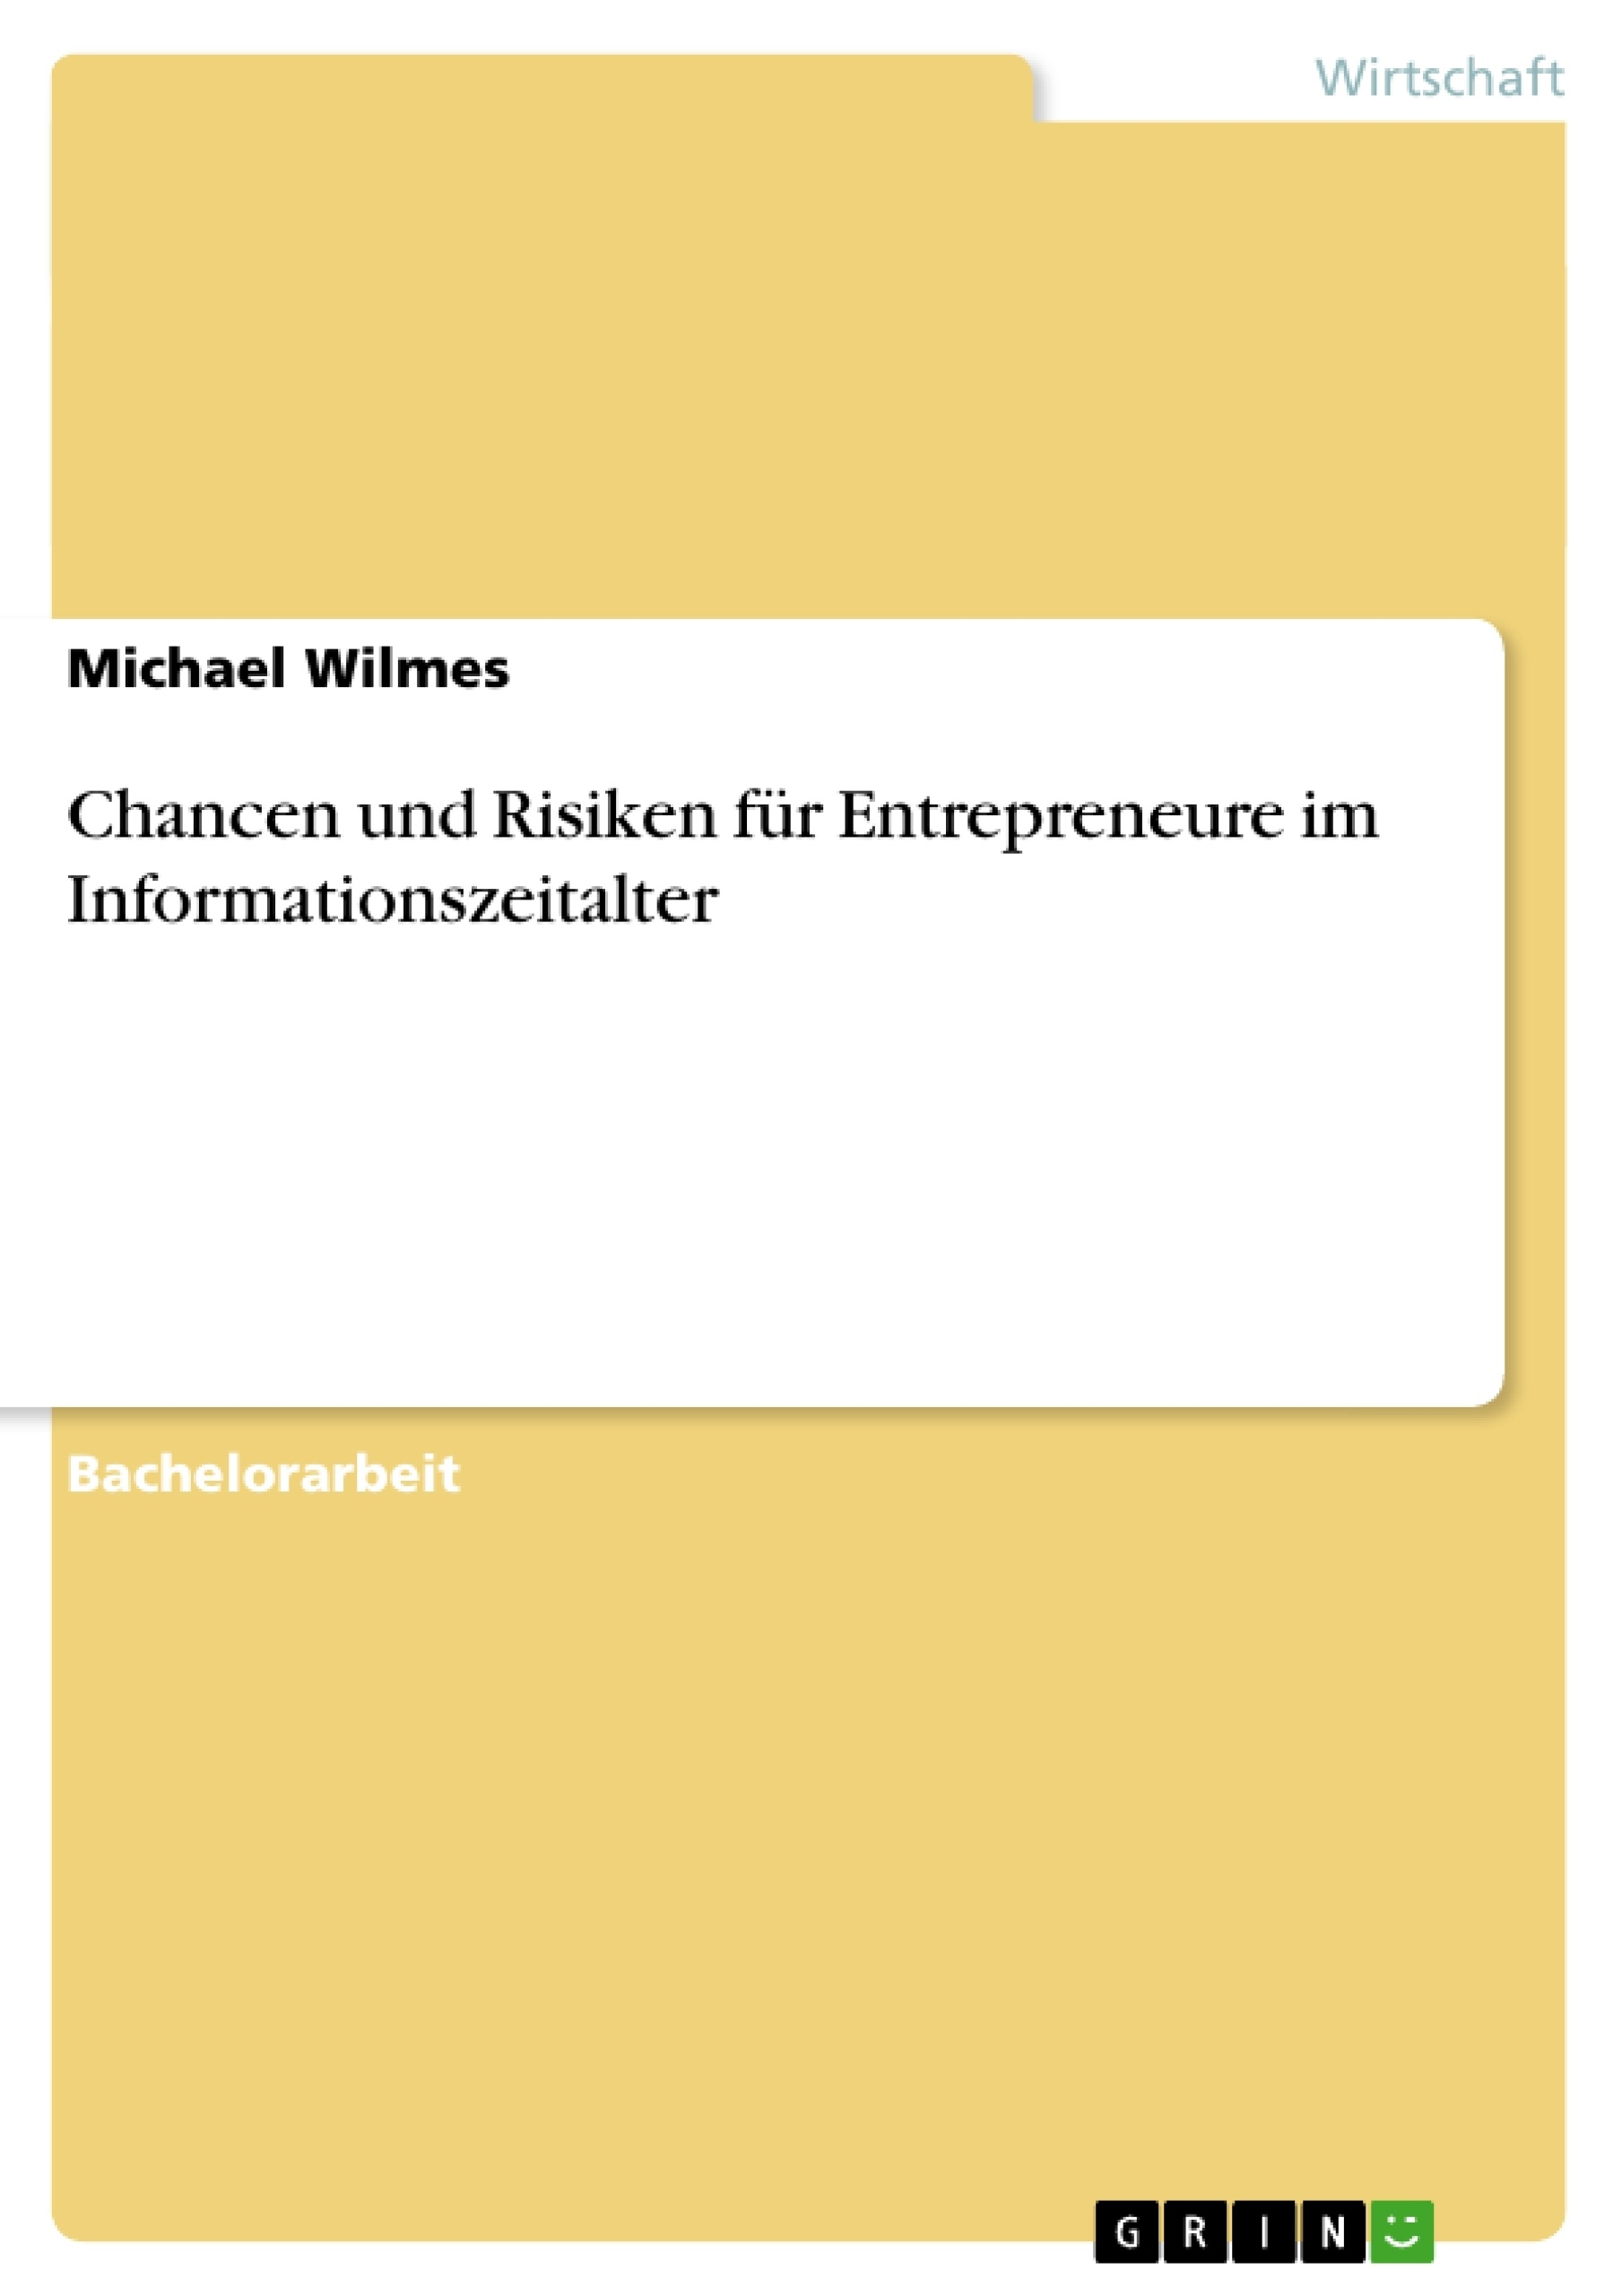 Titel: Chancen und Risiken für Entrepreneure im Informationszeitalter